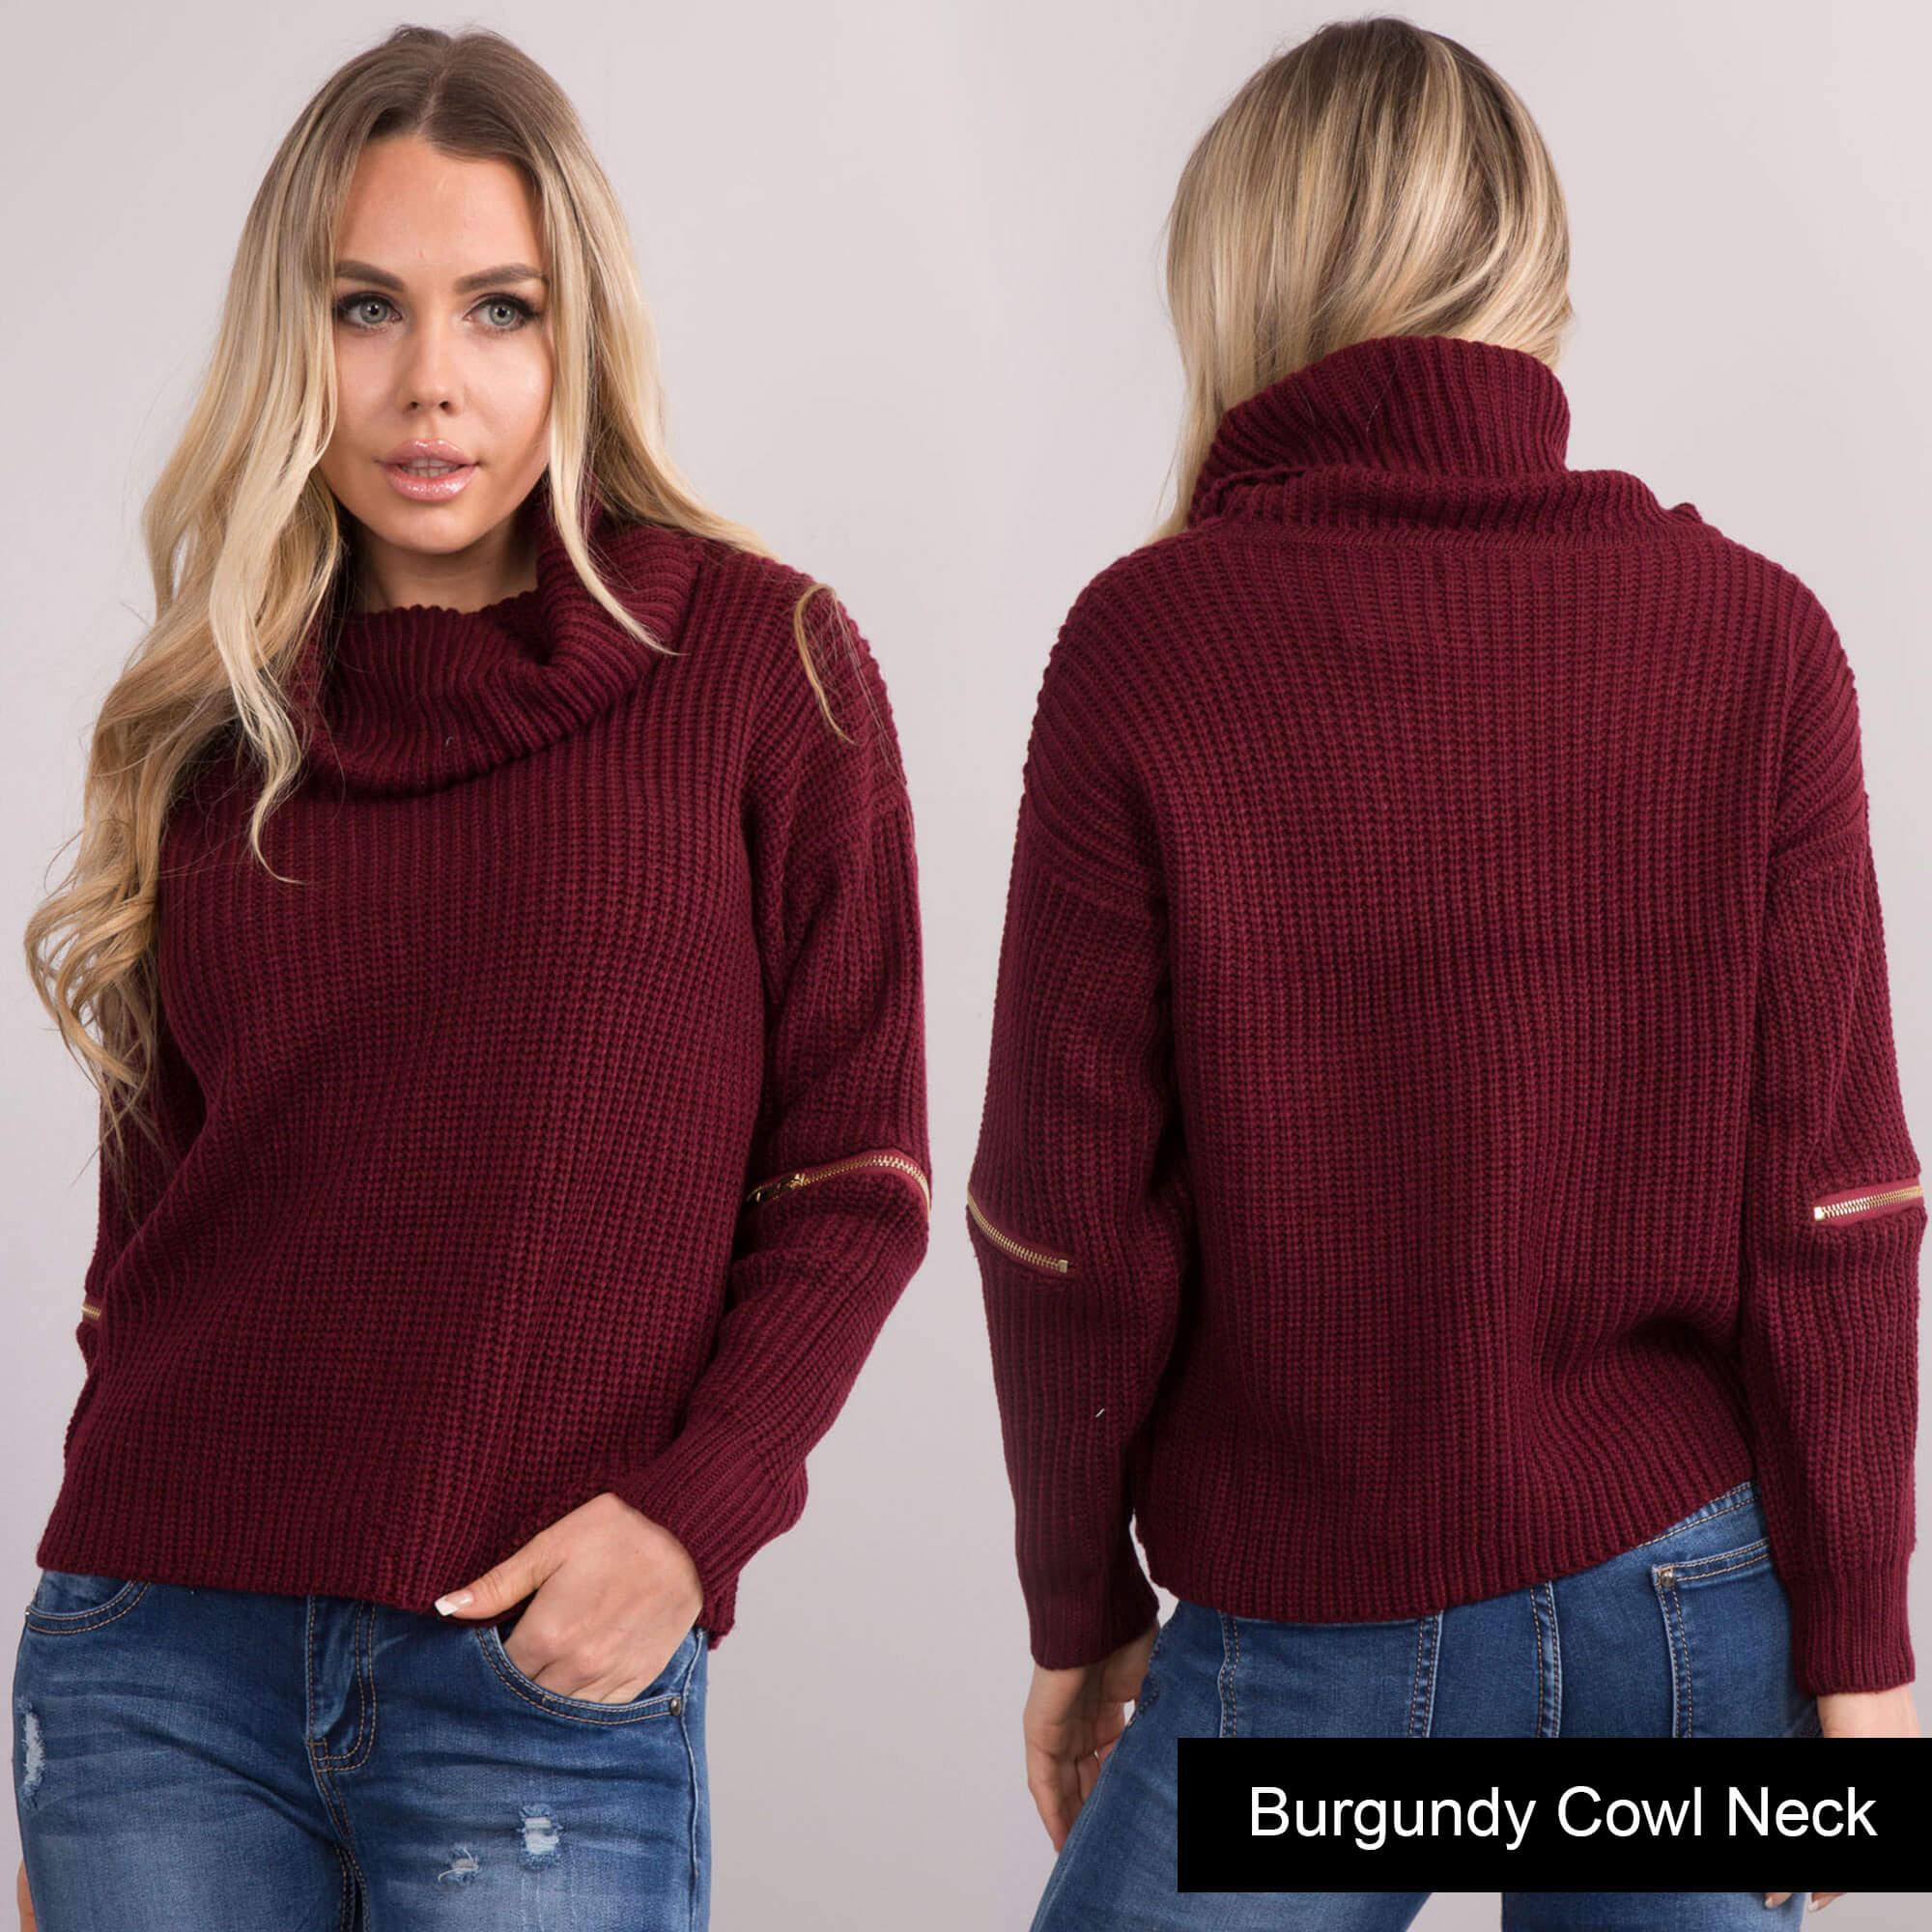 New Ladies Women Oversized Wool Knit Teddy Jumper Sweater Top ...